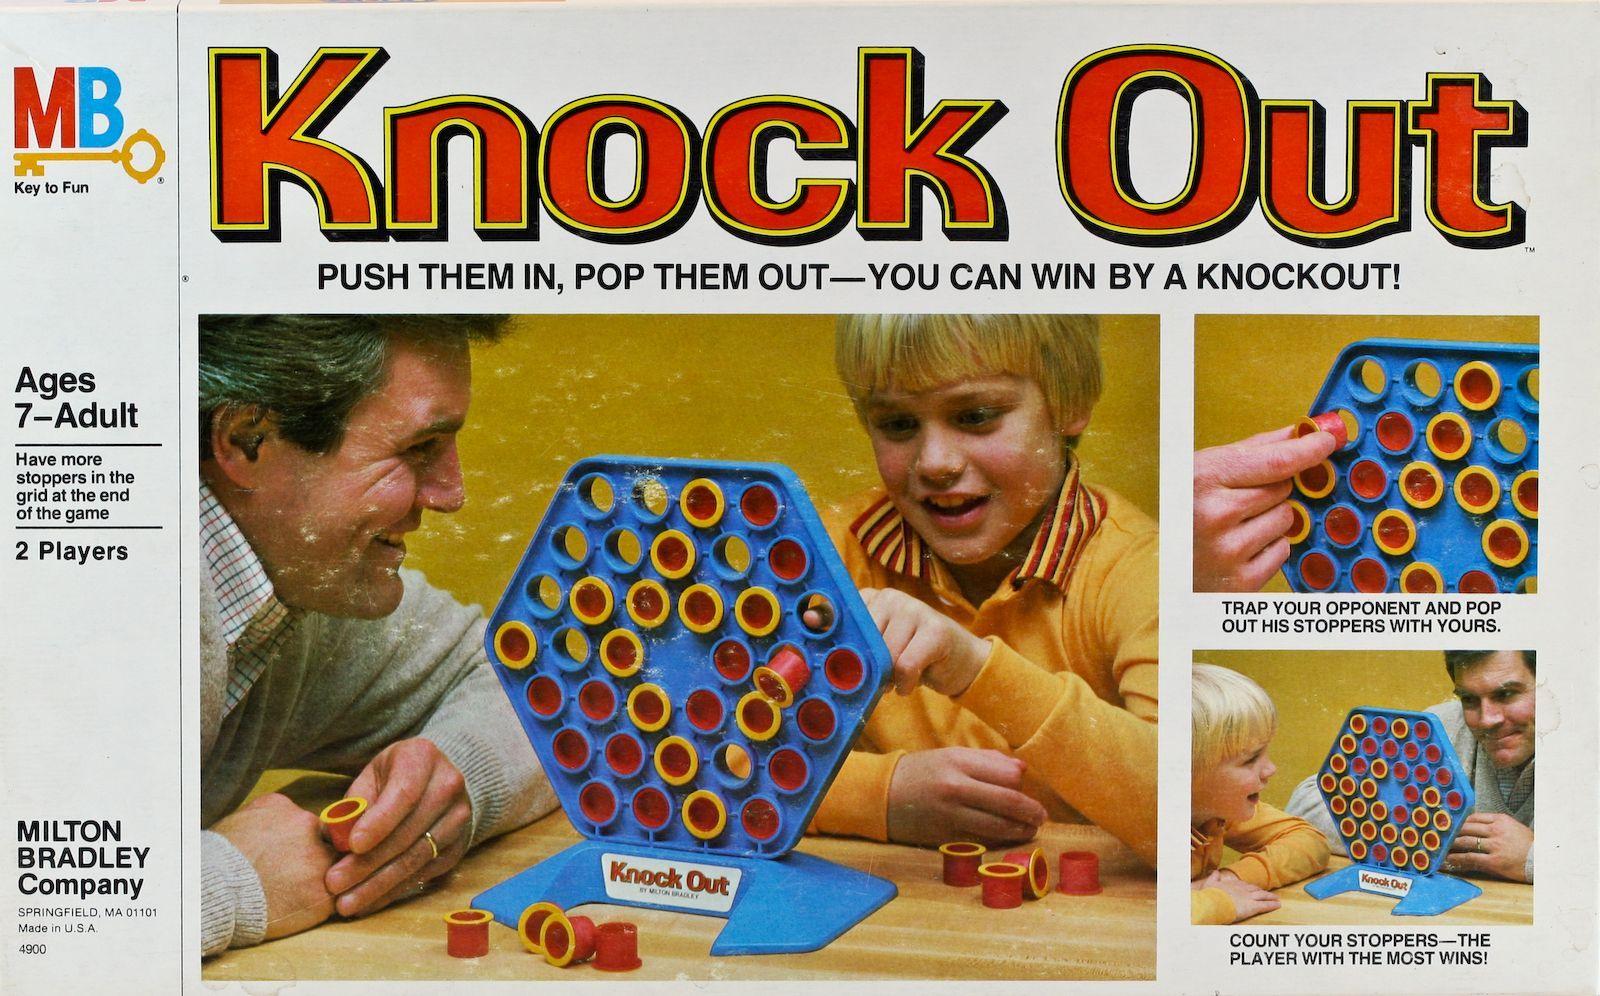 настольная игра Knock Out Нокаутировать